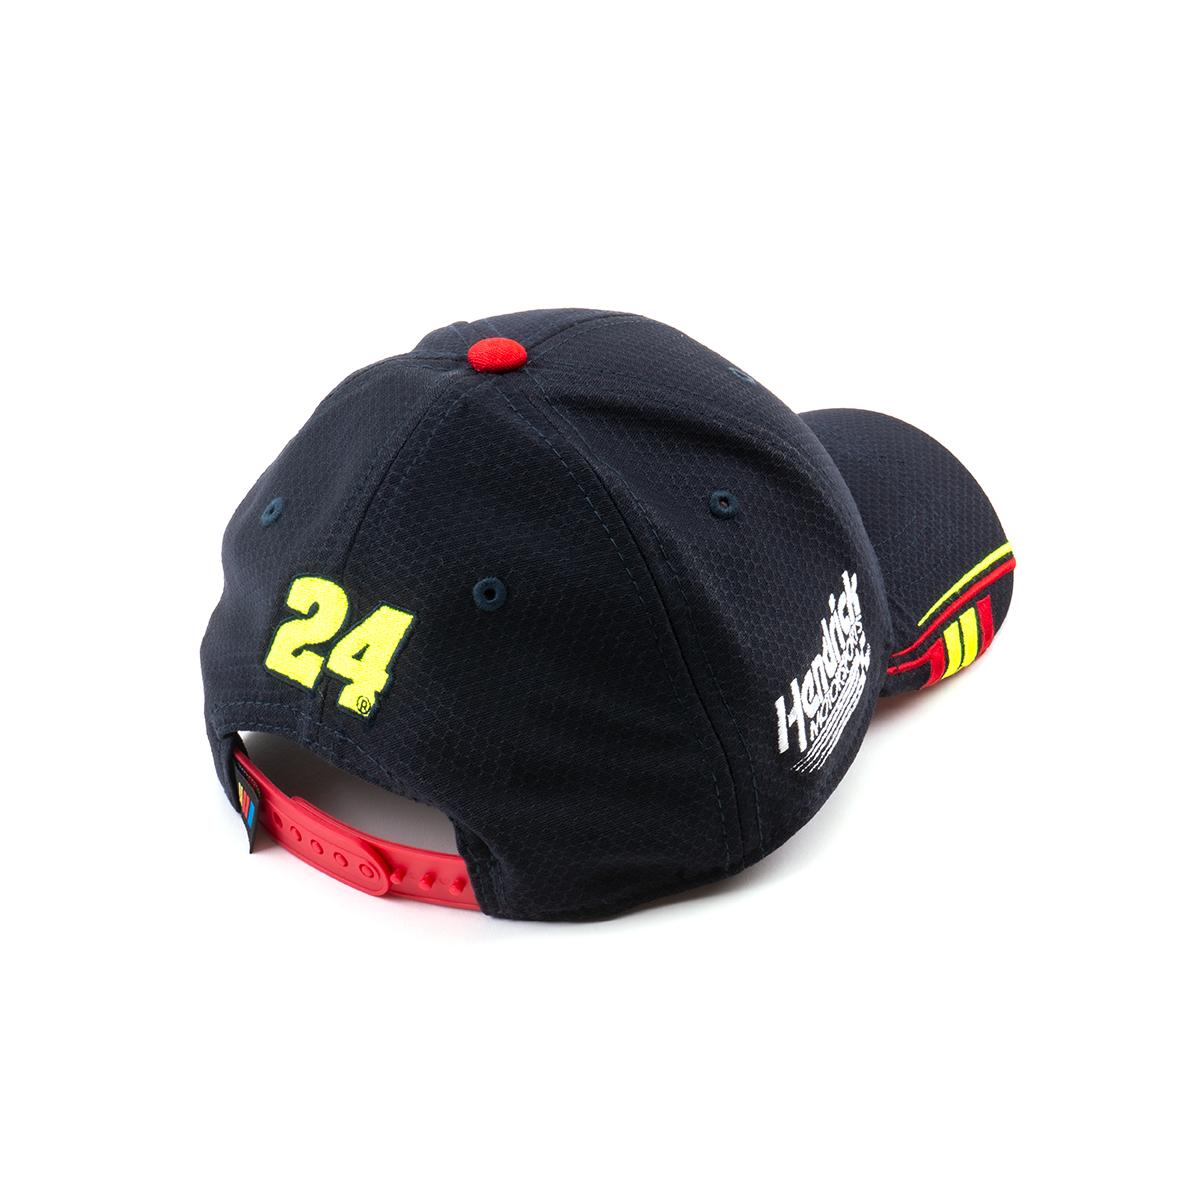 William Byron #24 2020 Axalta 9FORTY New Era Stretch Snap Hat